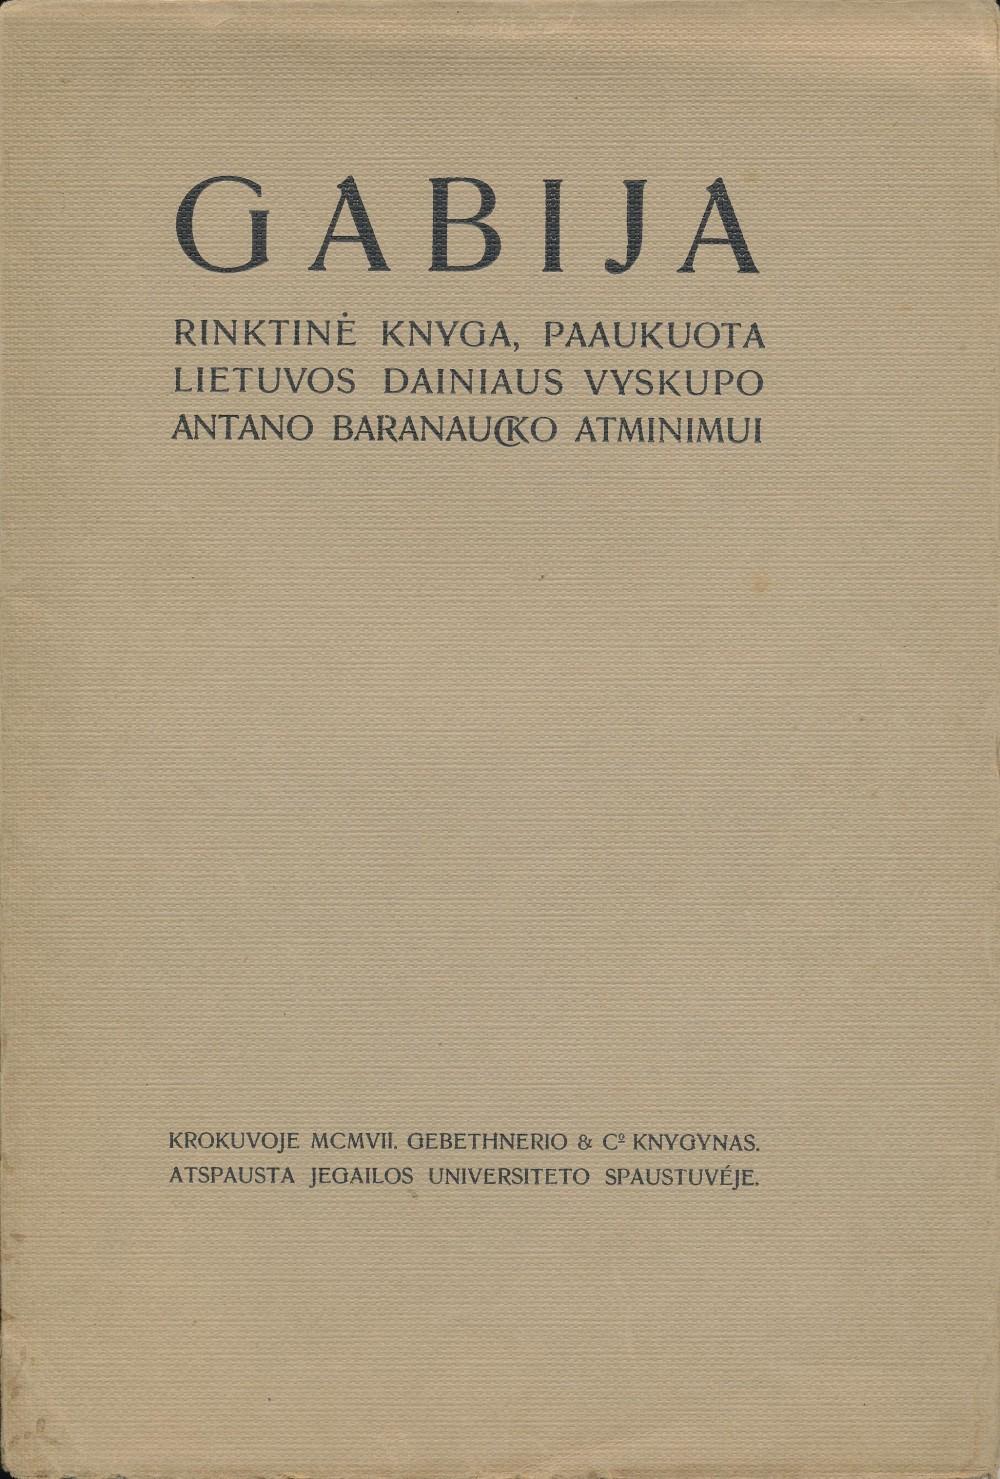 """Literatūrinis almanachas """"Gabija"""". Parengė J. A. Herbačiauskas. Krokuva, 1907 m. Su dedikacija vyskupui Antanui Baranauskui"""